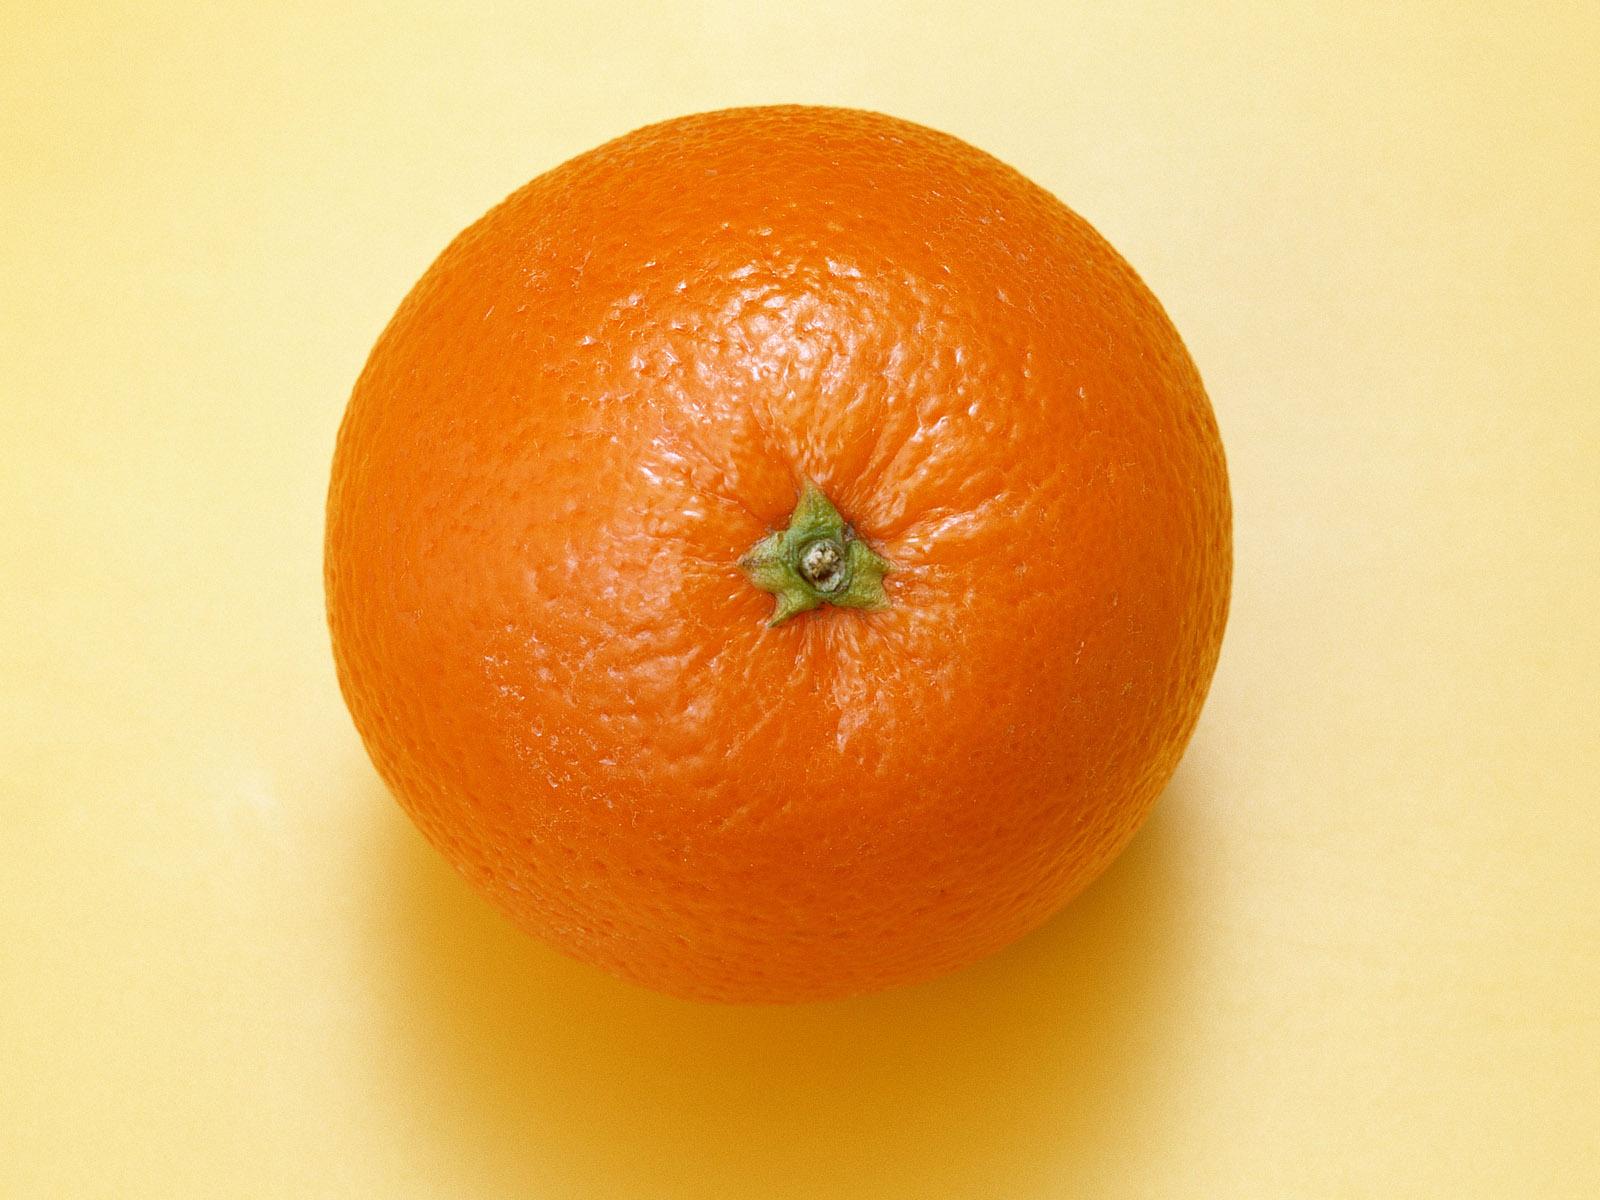 orange, апельсин, фото, обои для рабочего стола